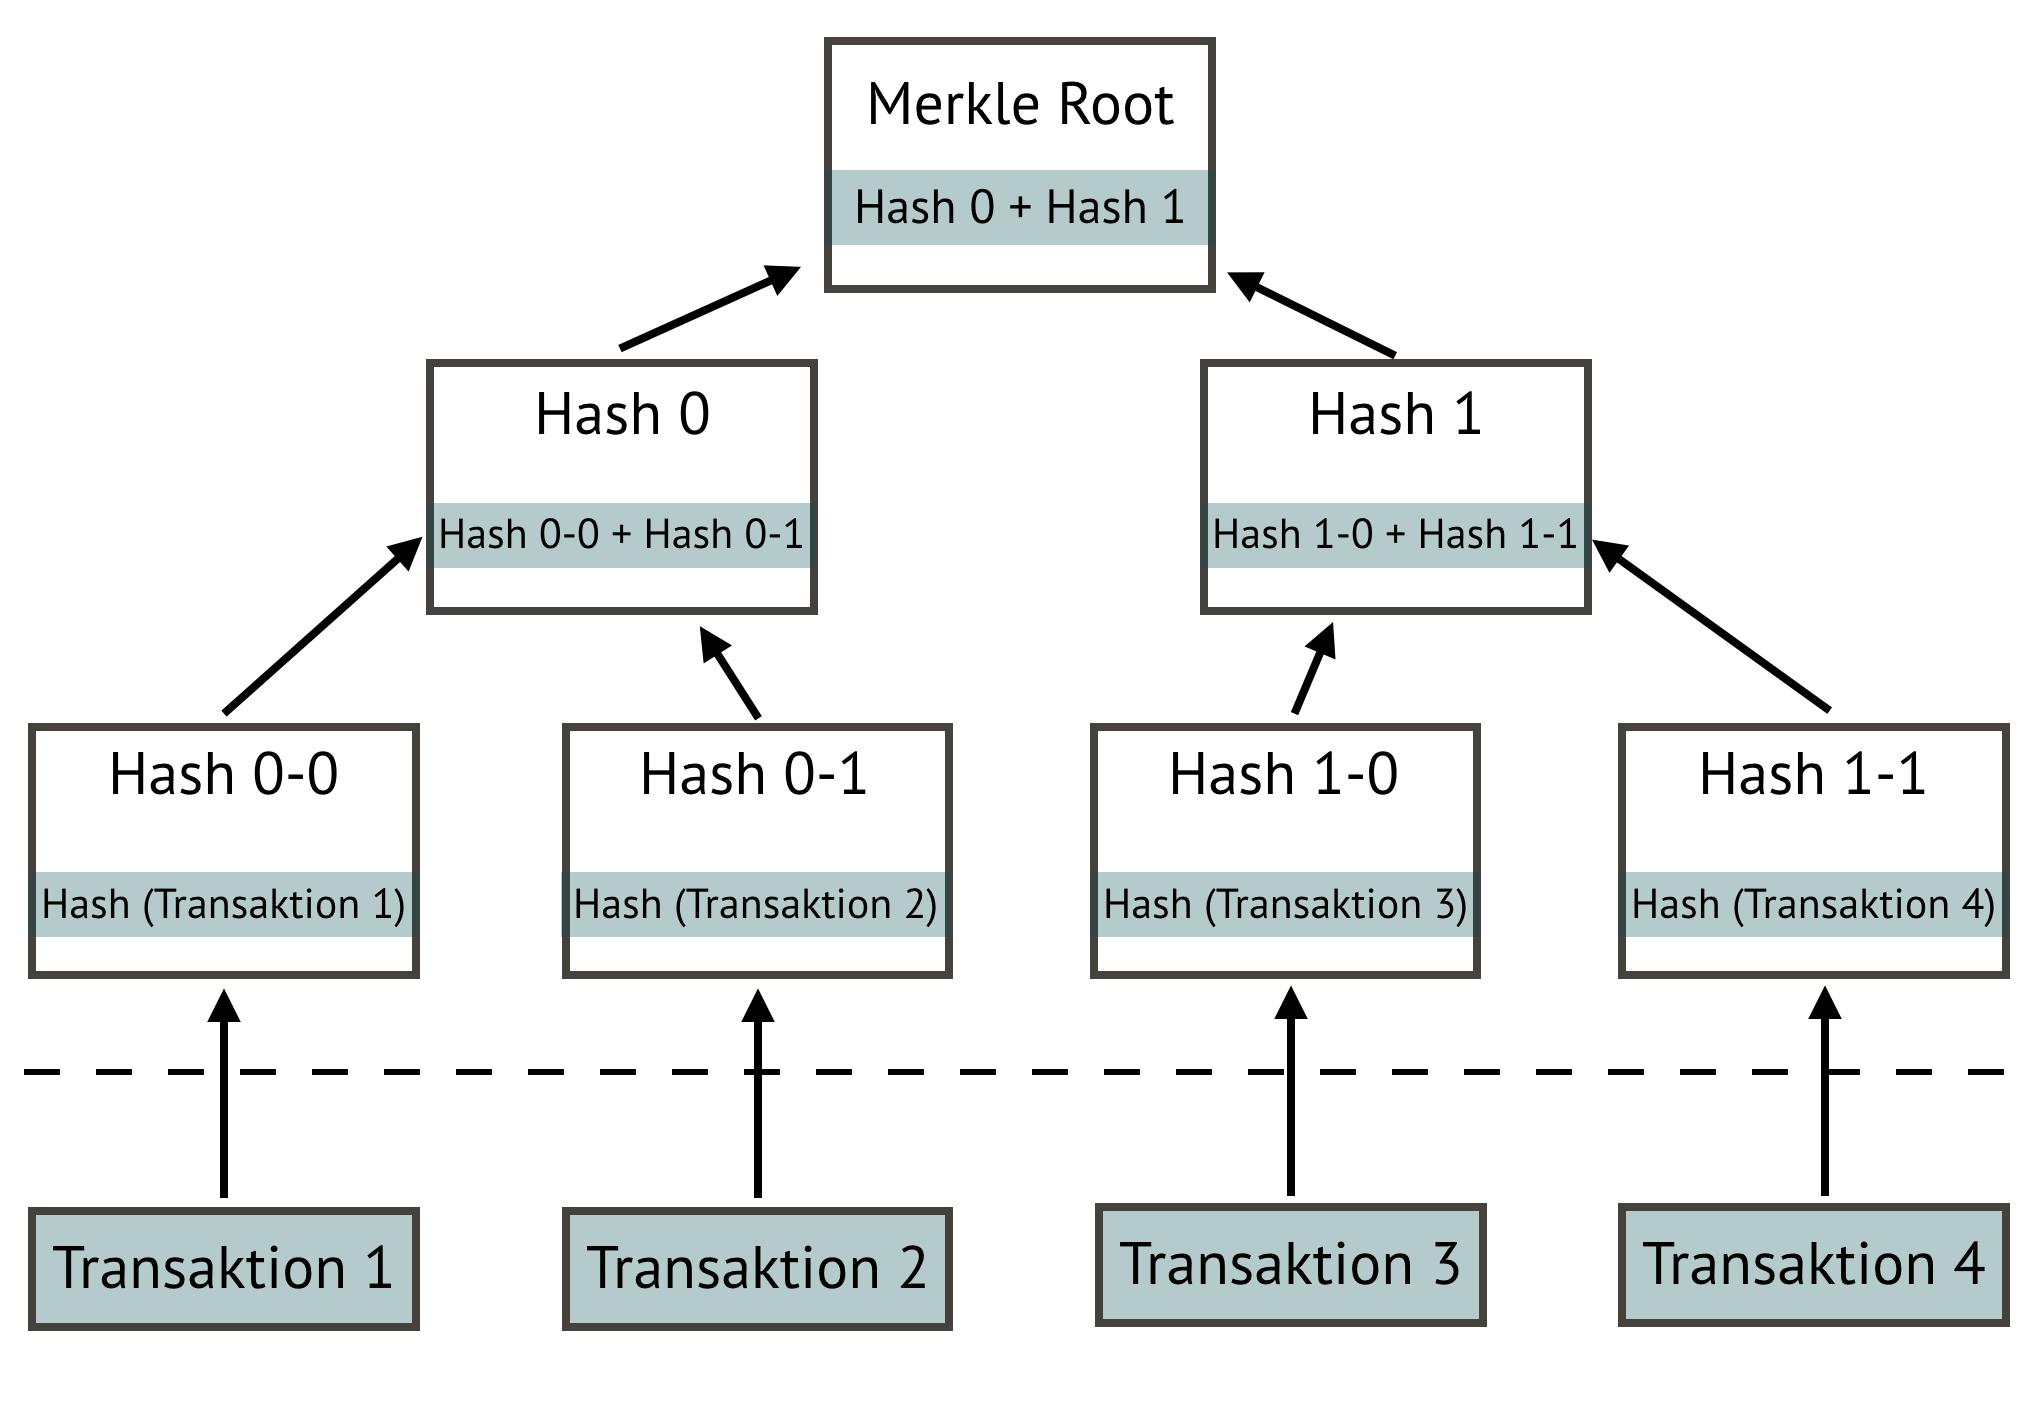 Abb. 3: Schema eines                                     Merkle tree. [Anna Neovesky / Julius Peinelt 2018, aufbauend auf                                     Hash Tree von  Becky In: bitcoinwiki 2018. CC BY 4.0.]